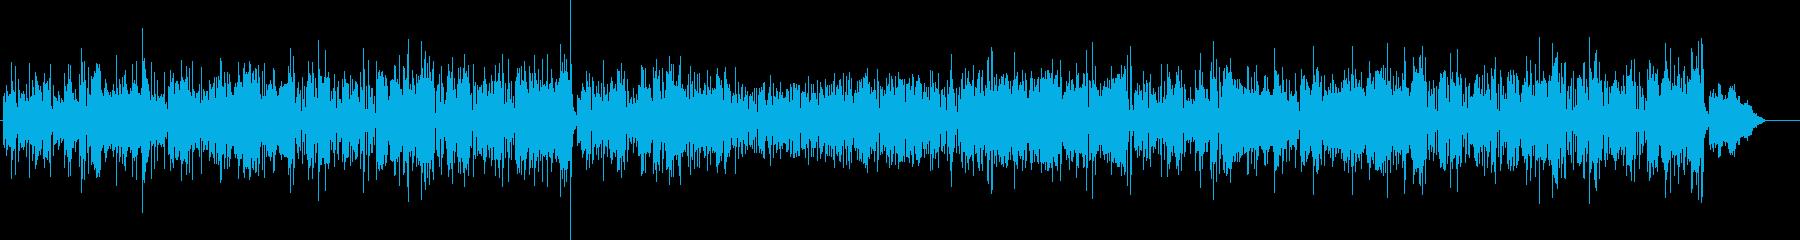 デジタル感覚でテクニカルなジャズ風の再生済みの波形